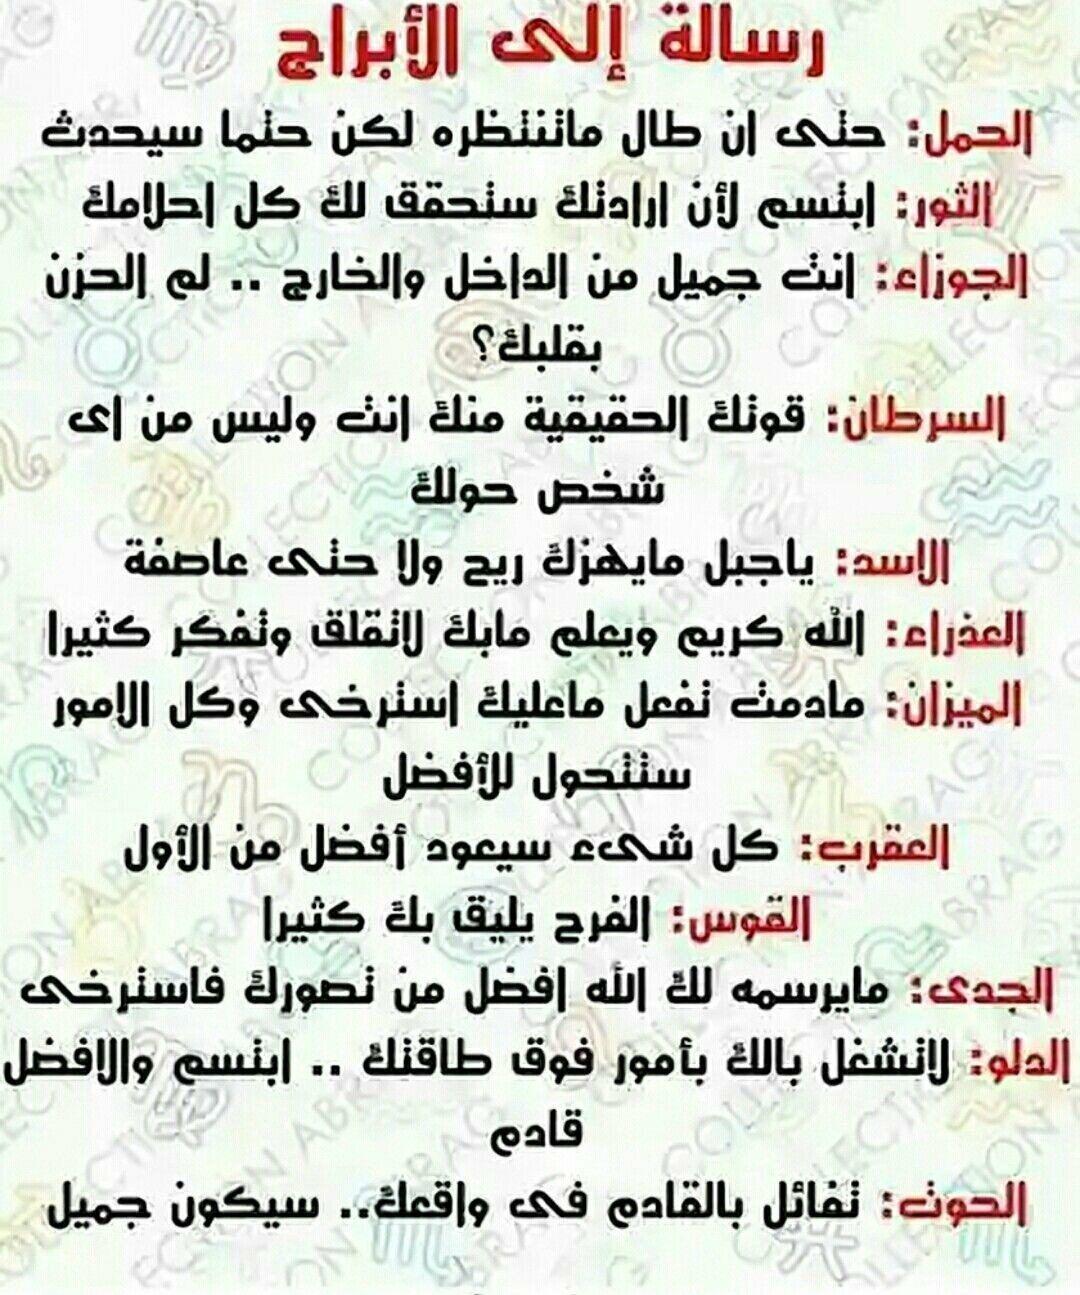 رسالة إلى جميع الأبراج برج الجوزاء برج الحمل برج الميزان برج الثور برج العقرب برج الحوت برج الأسد بر Social Quotes Quran Quotes Love Cool Words